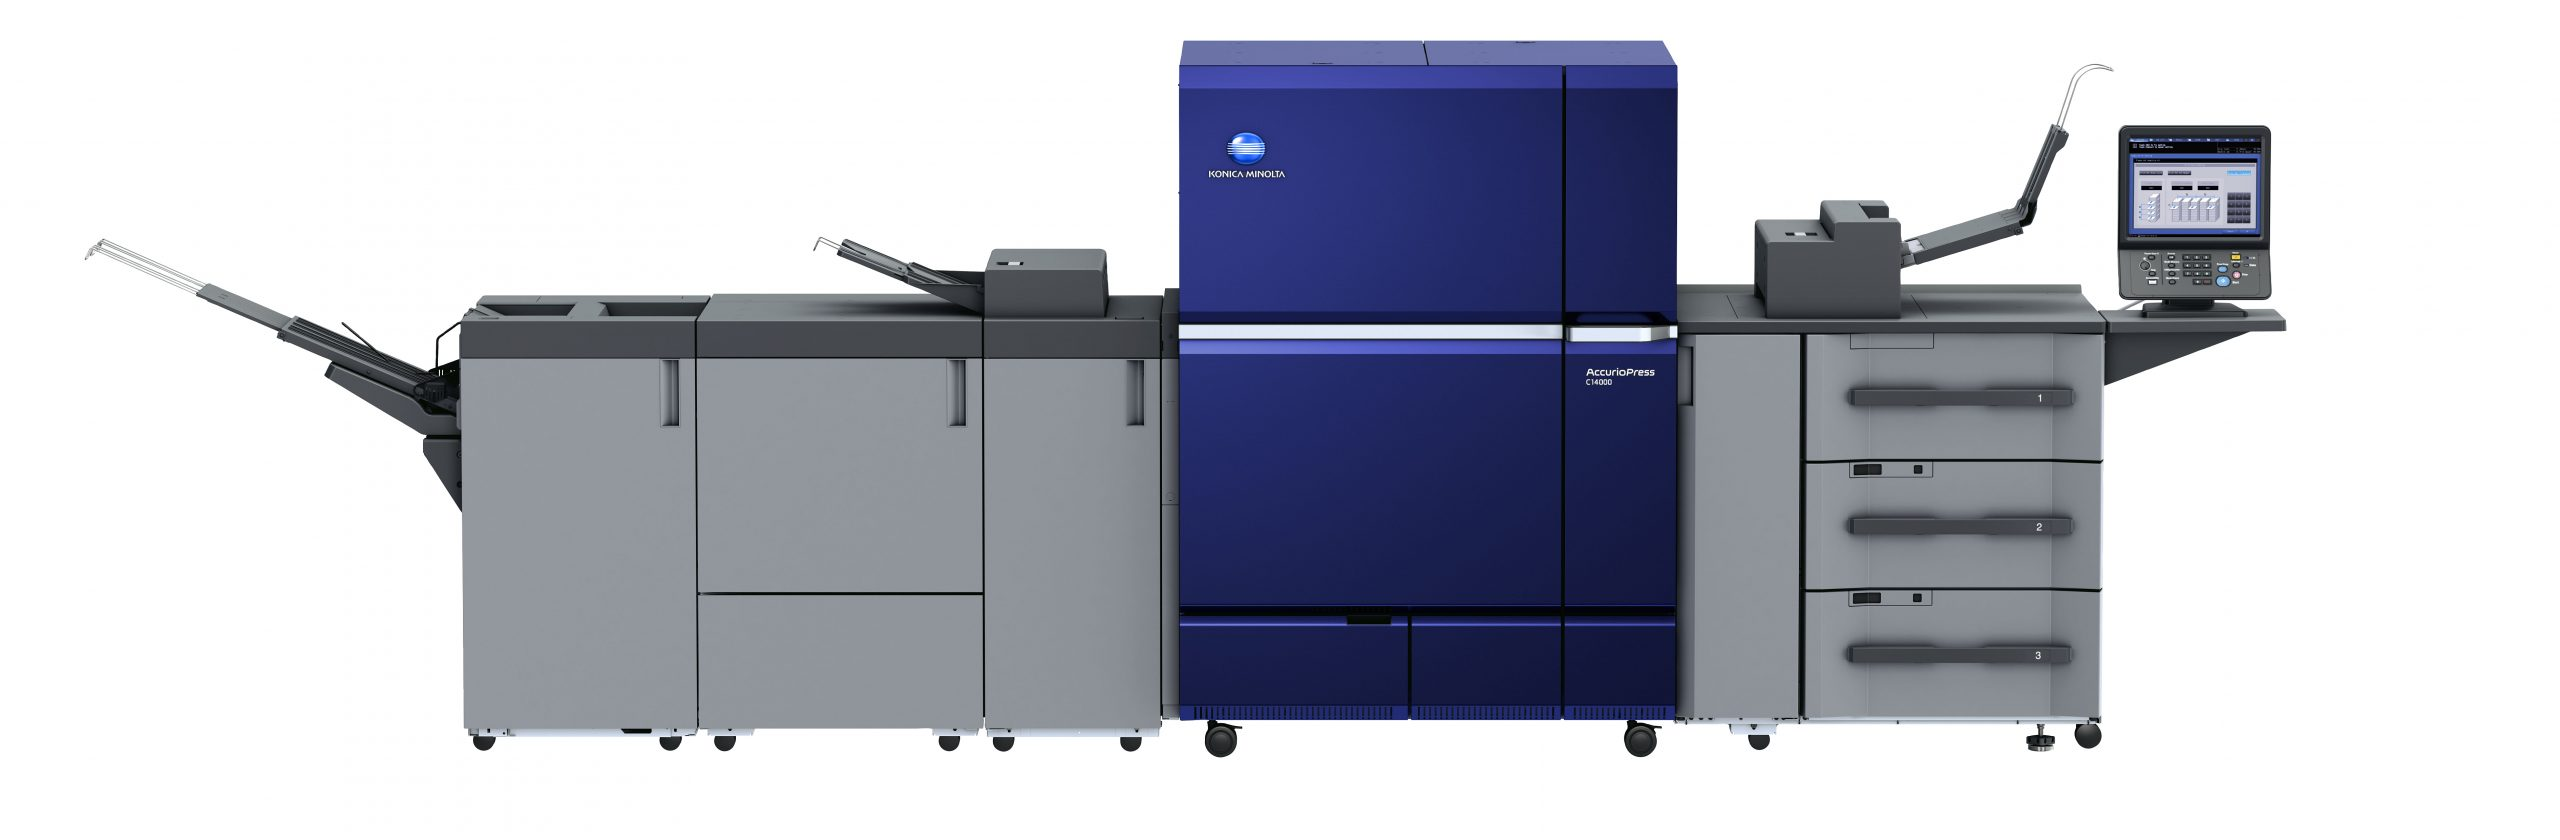 imagem de uma impressora